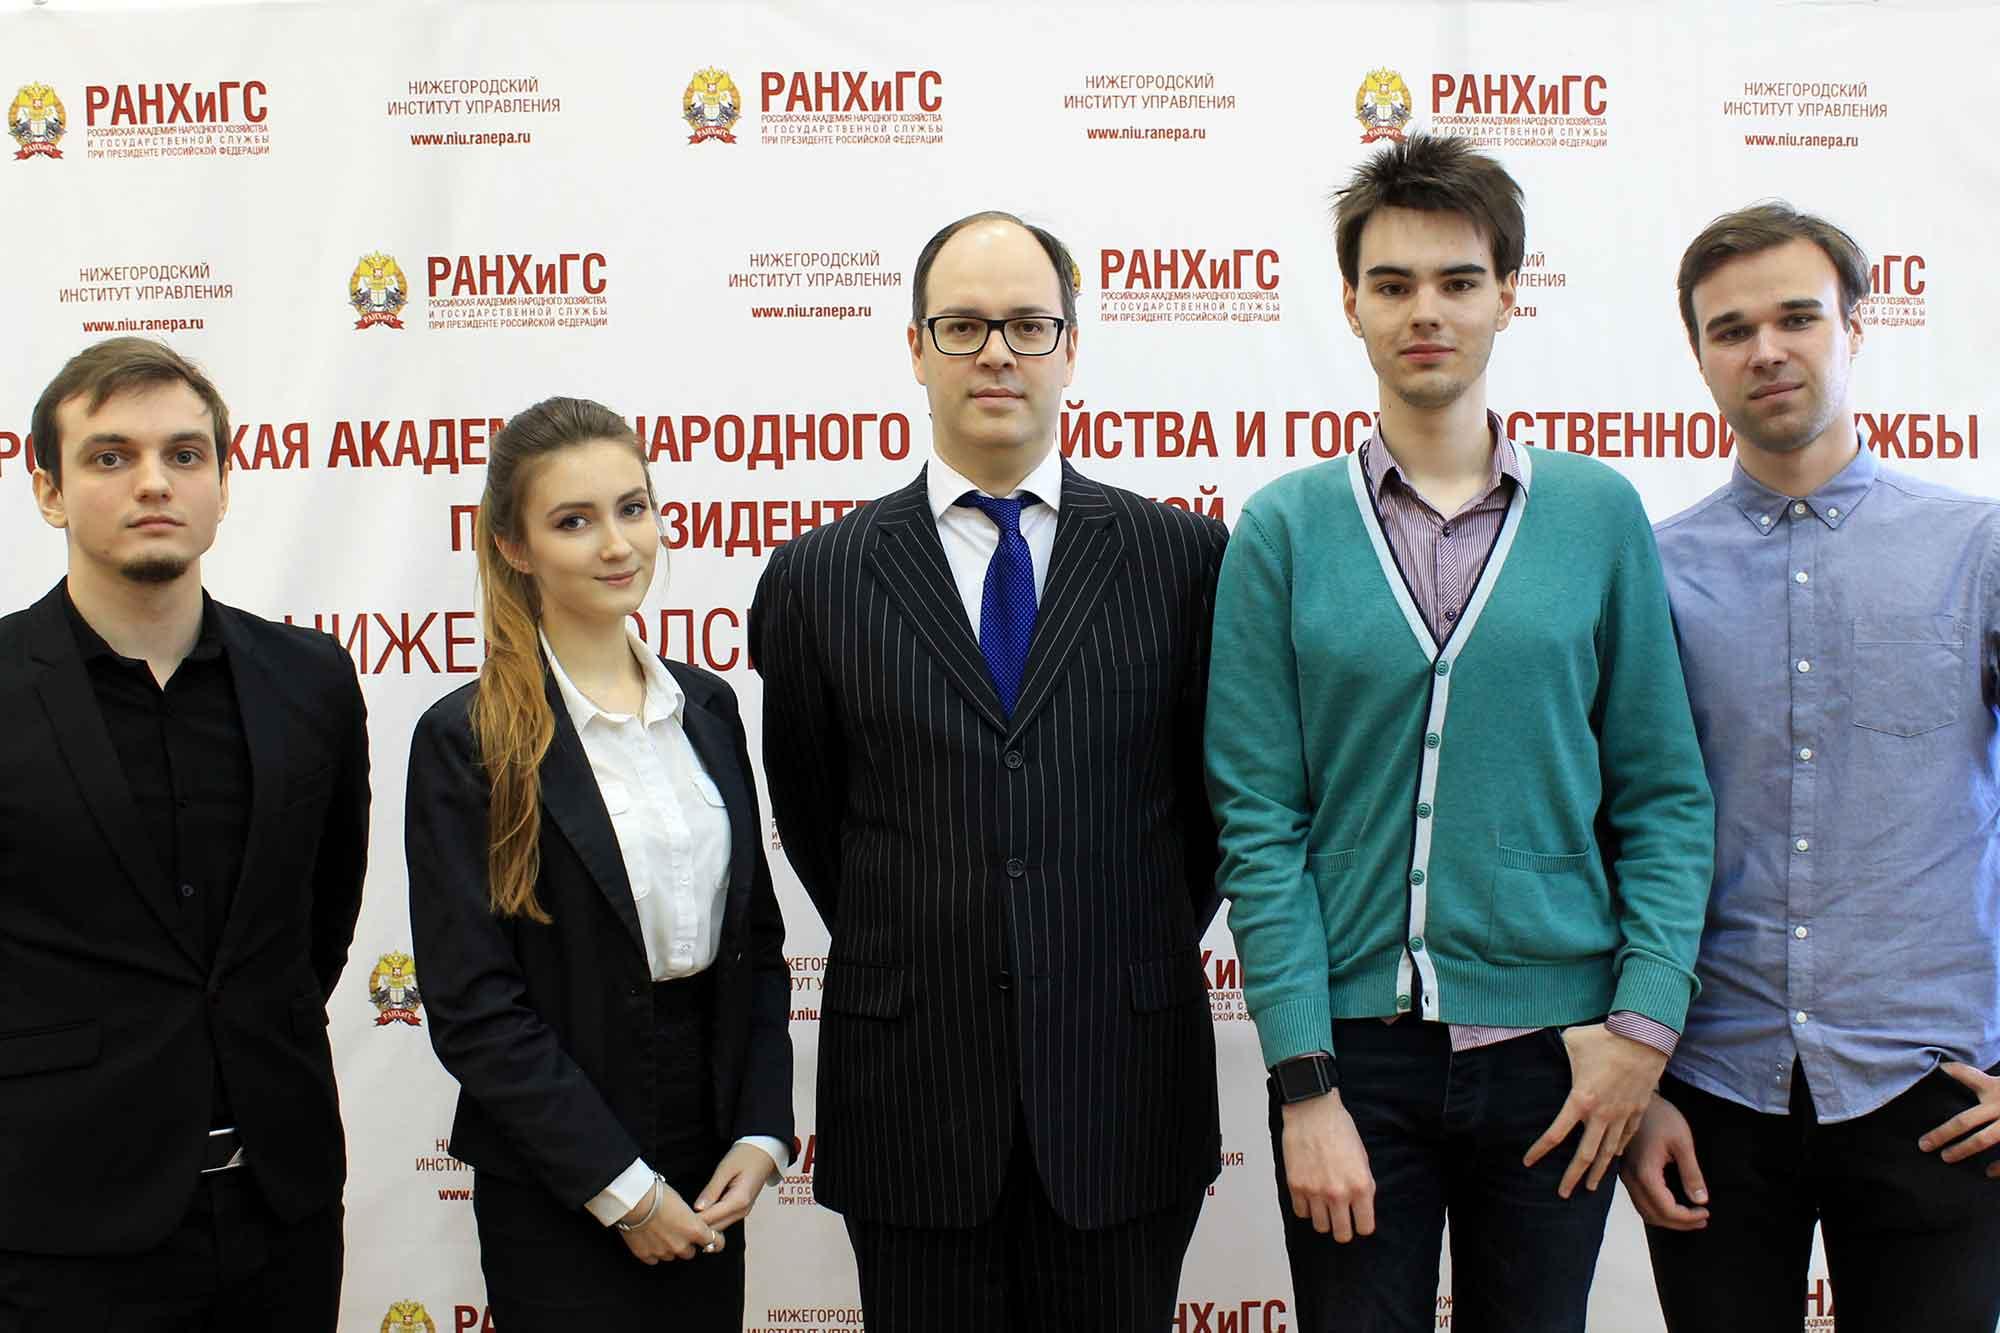 Команда студентов-философов заняла II место в областной студенческой олимпиаде по политологии